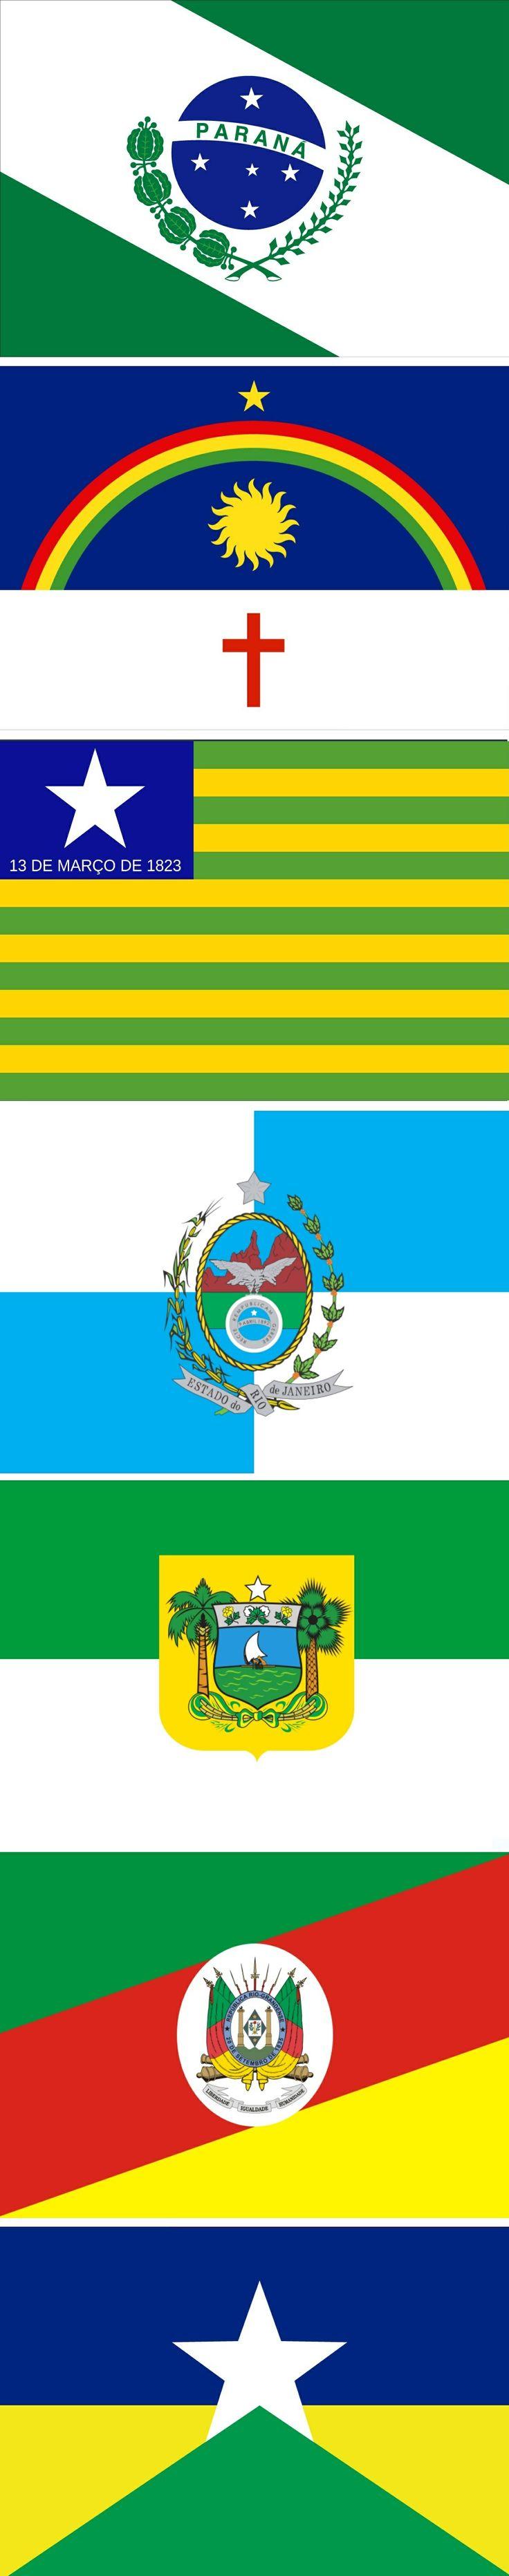 Flags of the states of Brazil: PARANÁ-PERNAMBUCO-PIAUÍ-RIO GRANDE DO NORTE-RIO GRANDE DO SUL-RONDÔNIA